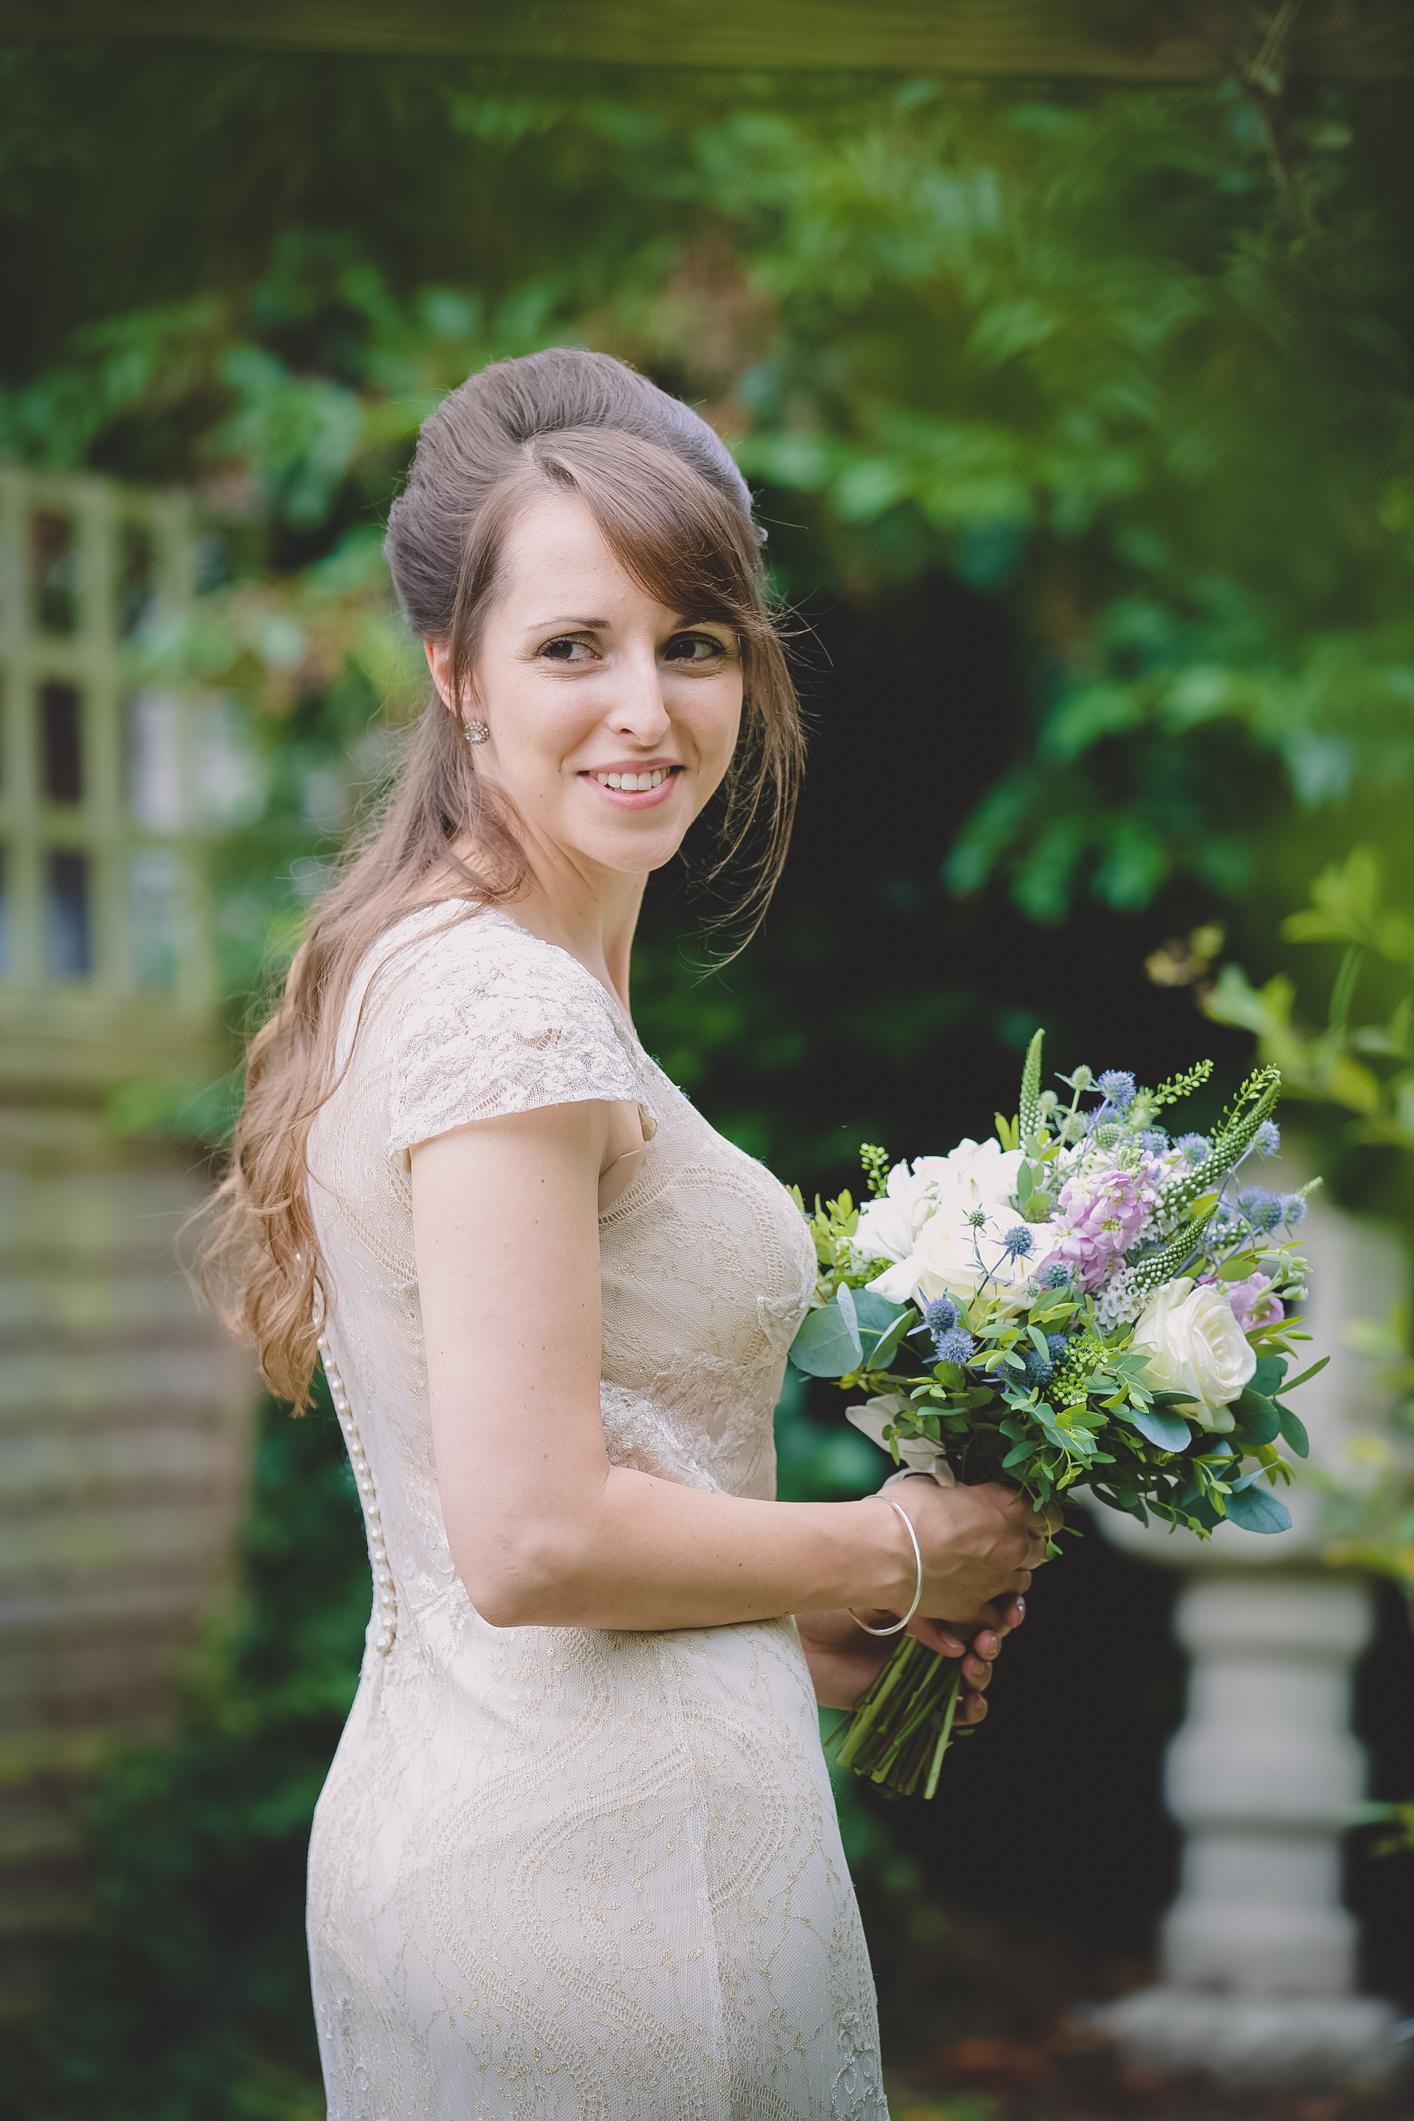 lilac_thyme-wedding_bouquet.JPG